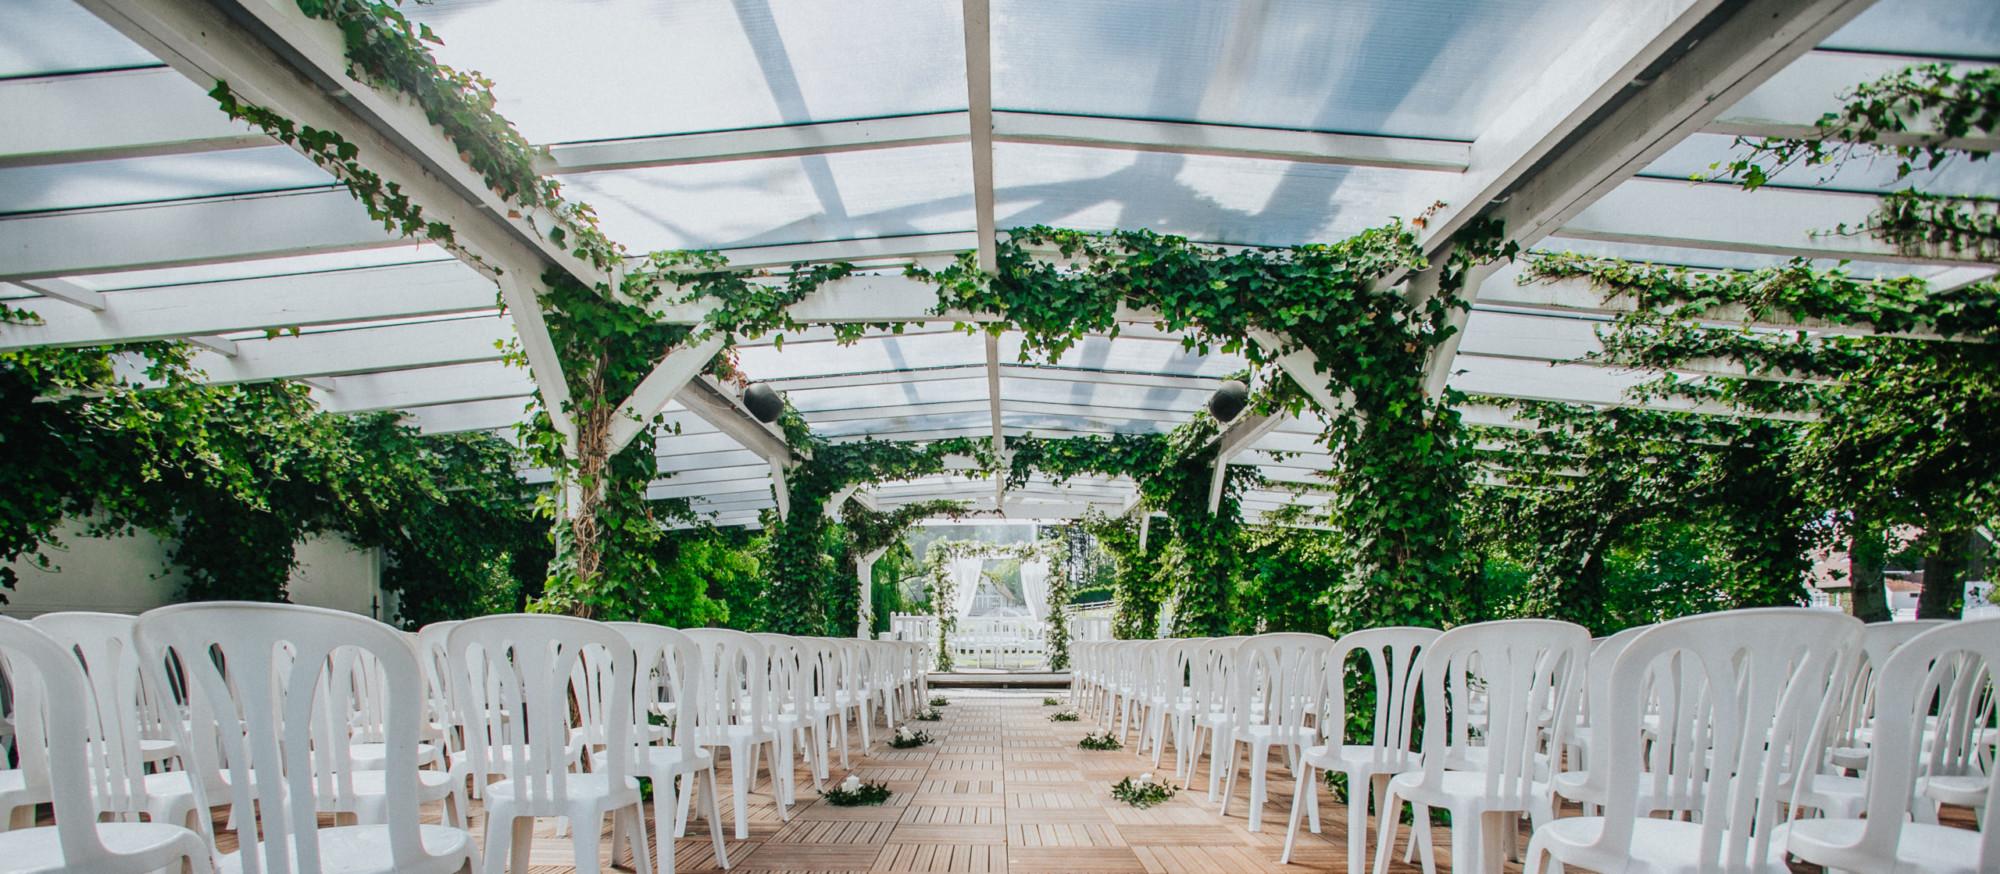 Fleuriste, décoratrice, décoratrice mariage, mariage authentique, mariage champêtre, fleuriste écoresponsable, sans mousse florale